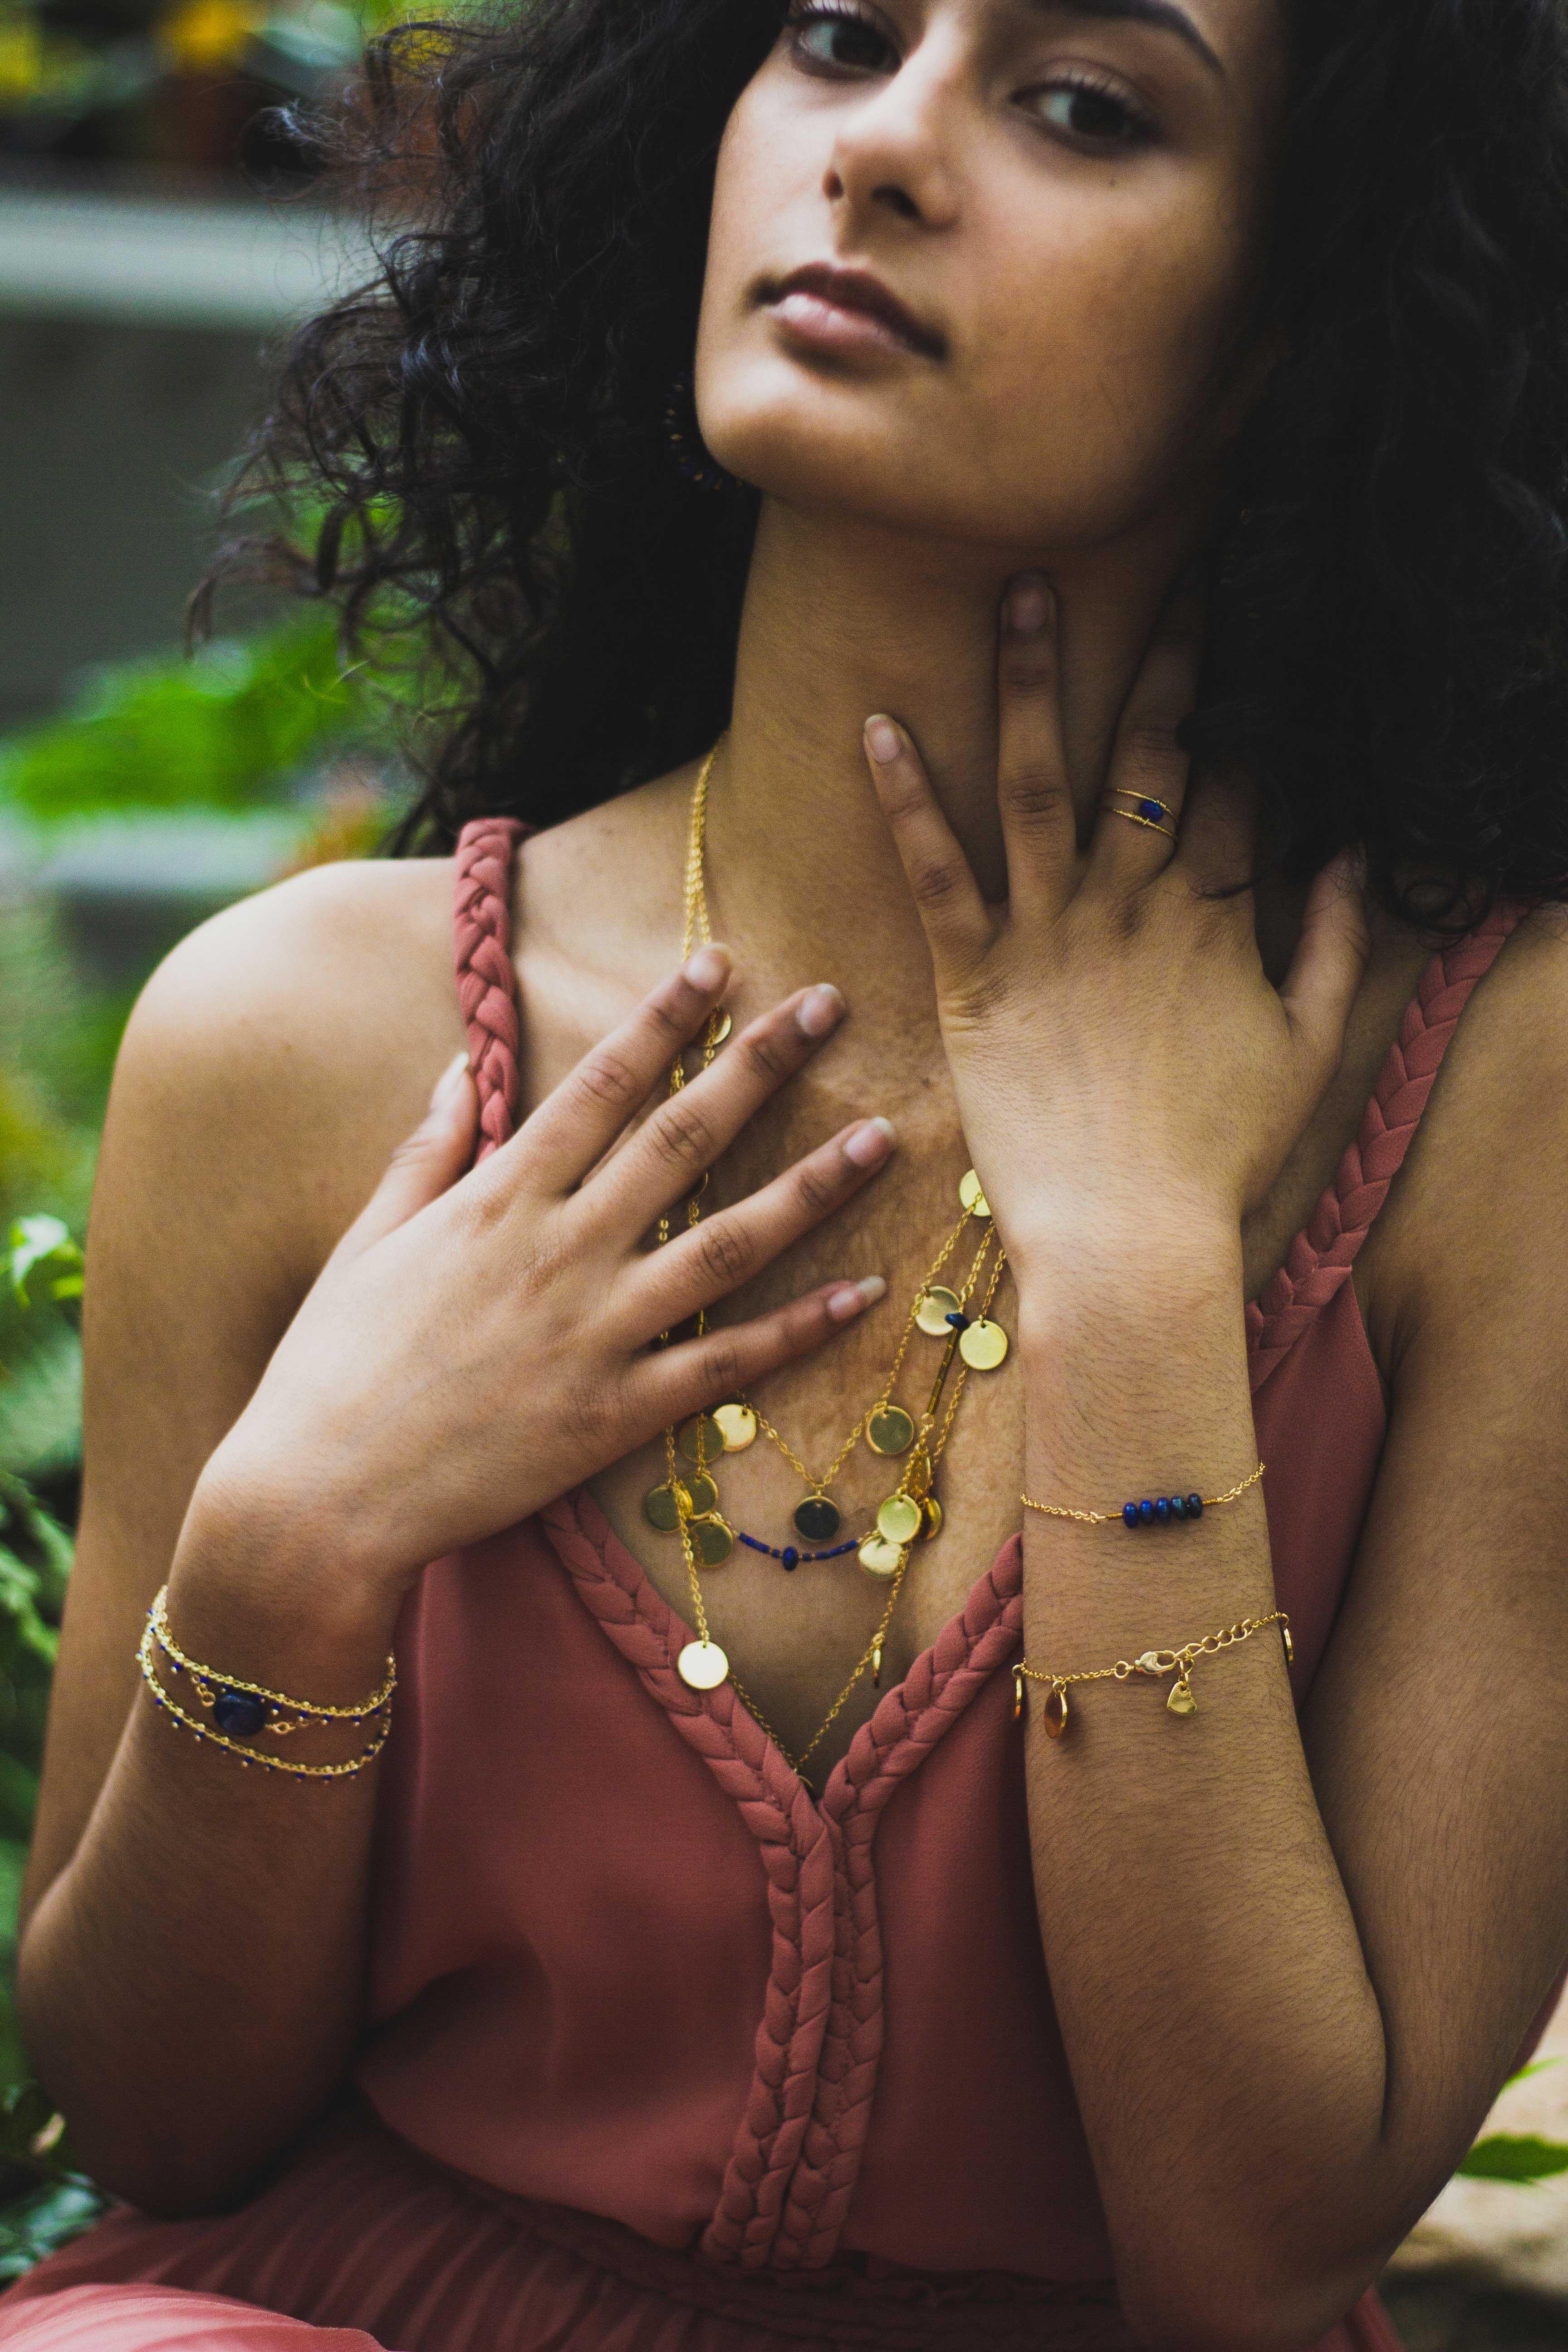 Photo bijoux endless summer